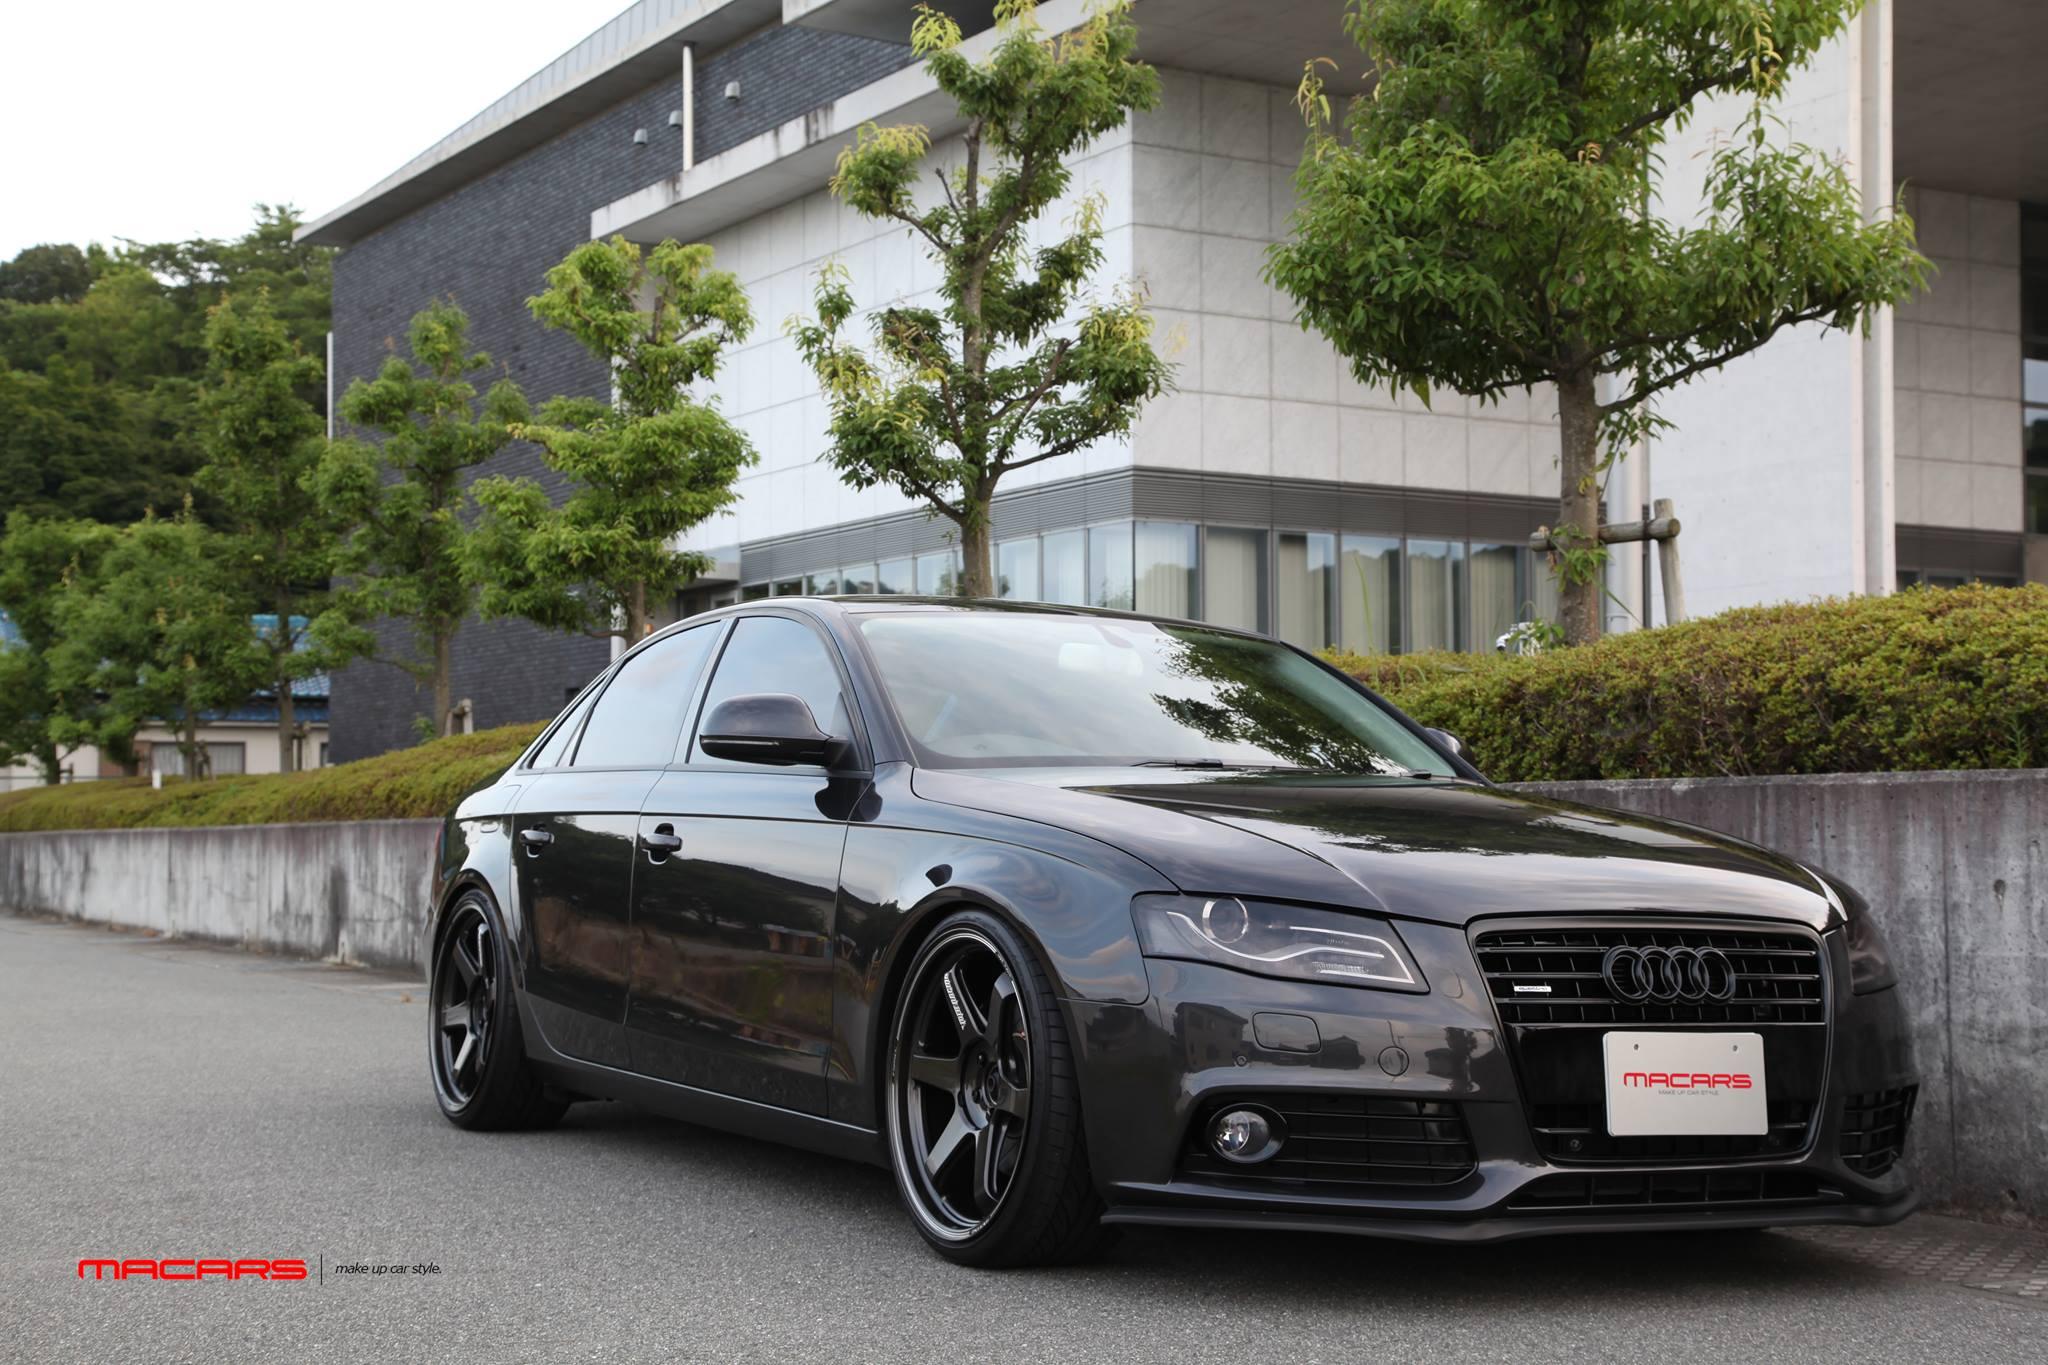 Audi A4 B8 3 2lq Sedan Macars メイカーズ 兵庫県姫路市 Bmw Audi